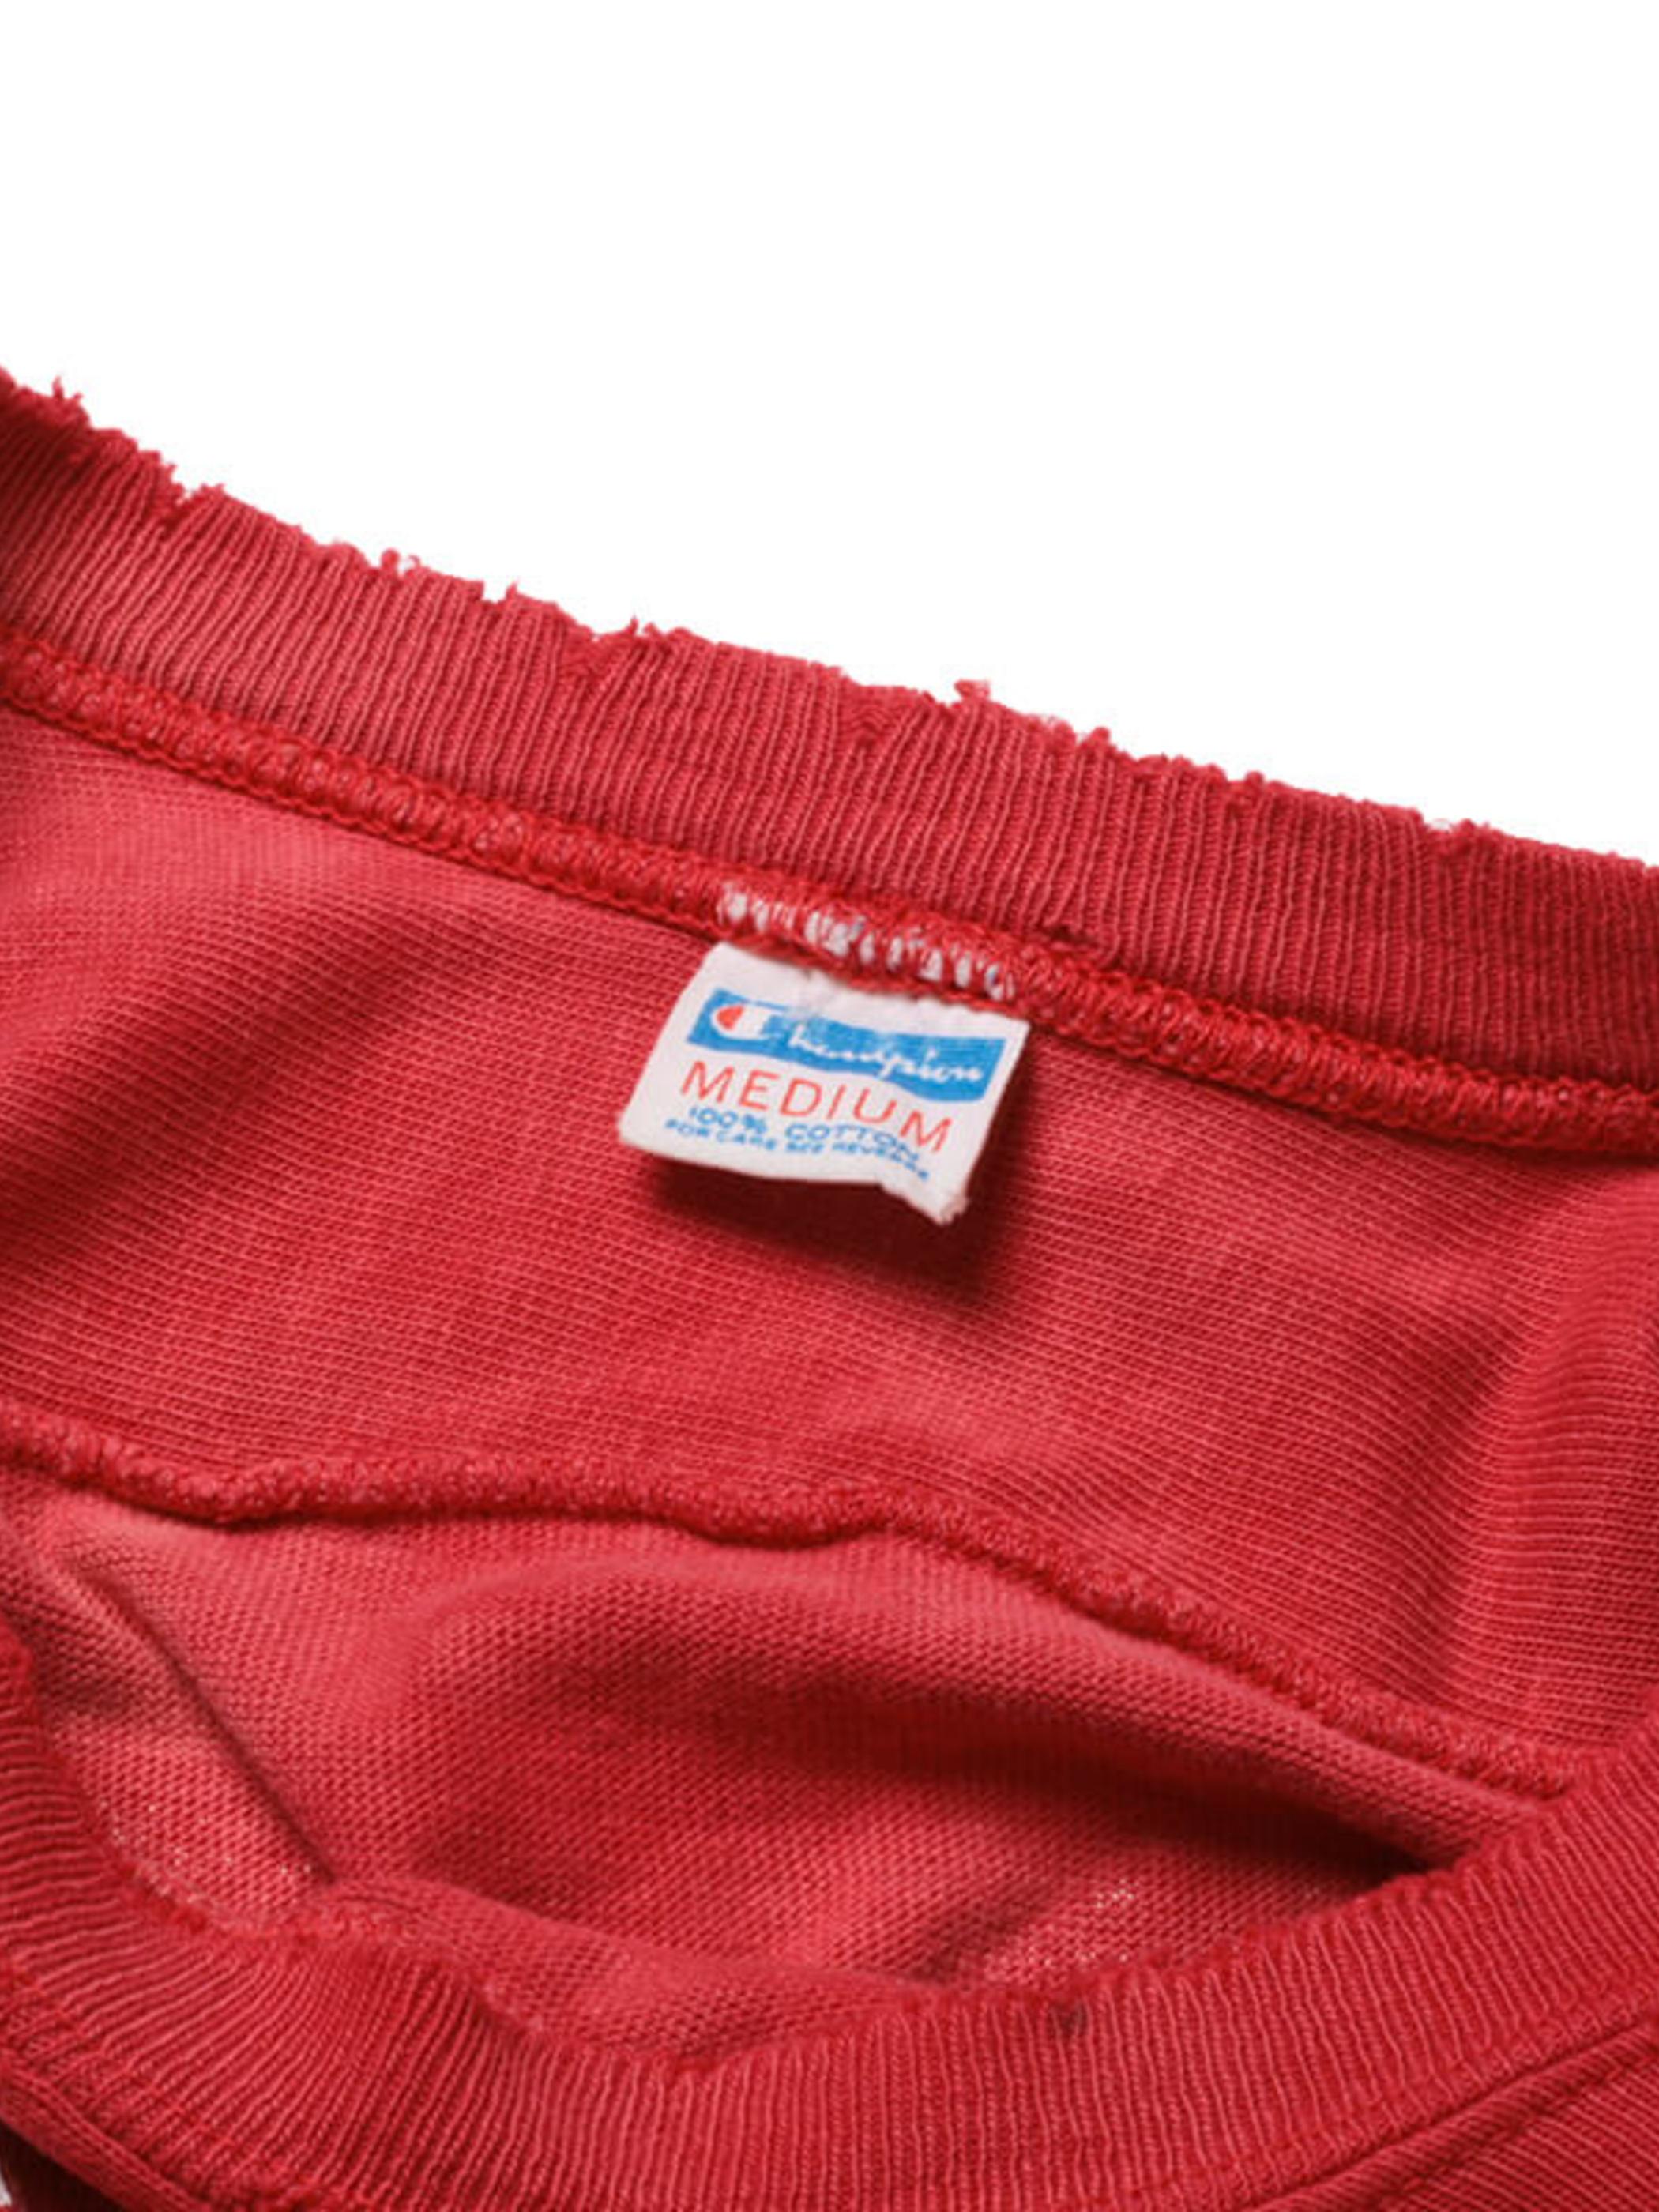 Used / Champion / 1970'sVintage / Football T-Shirt